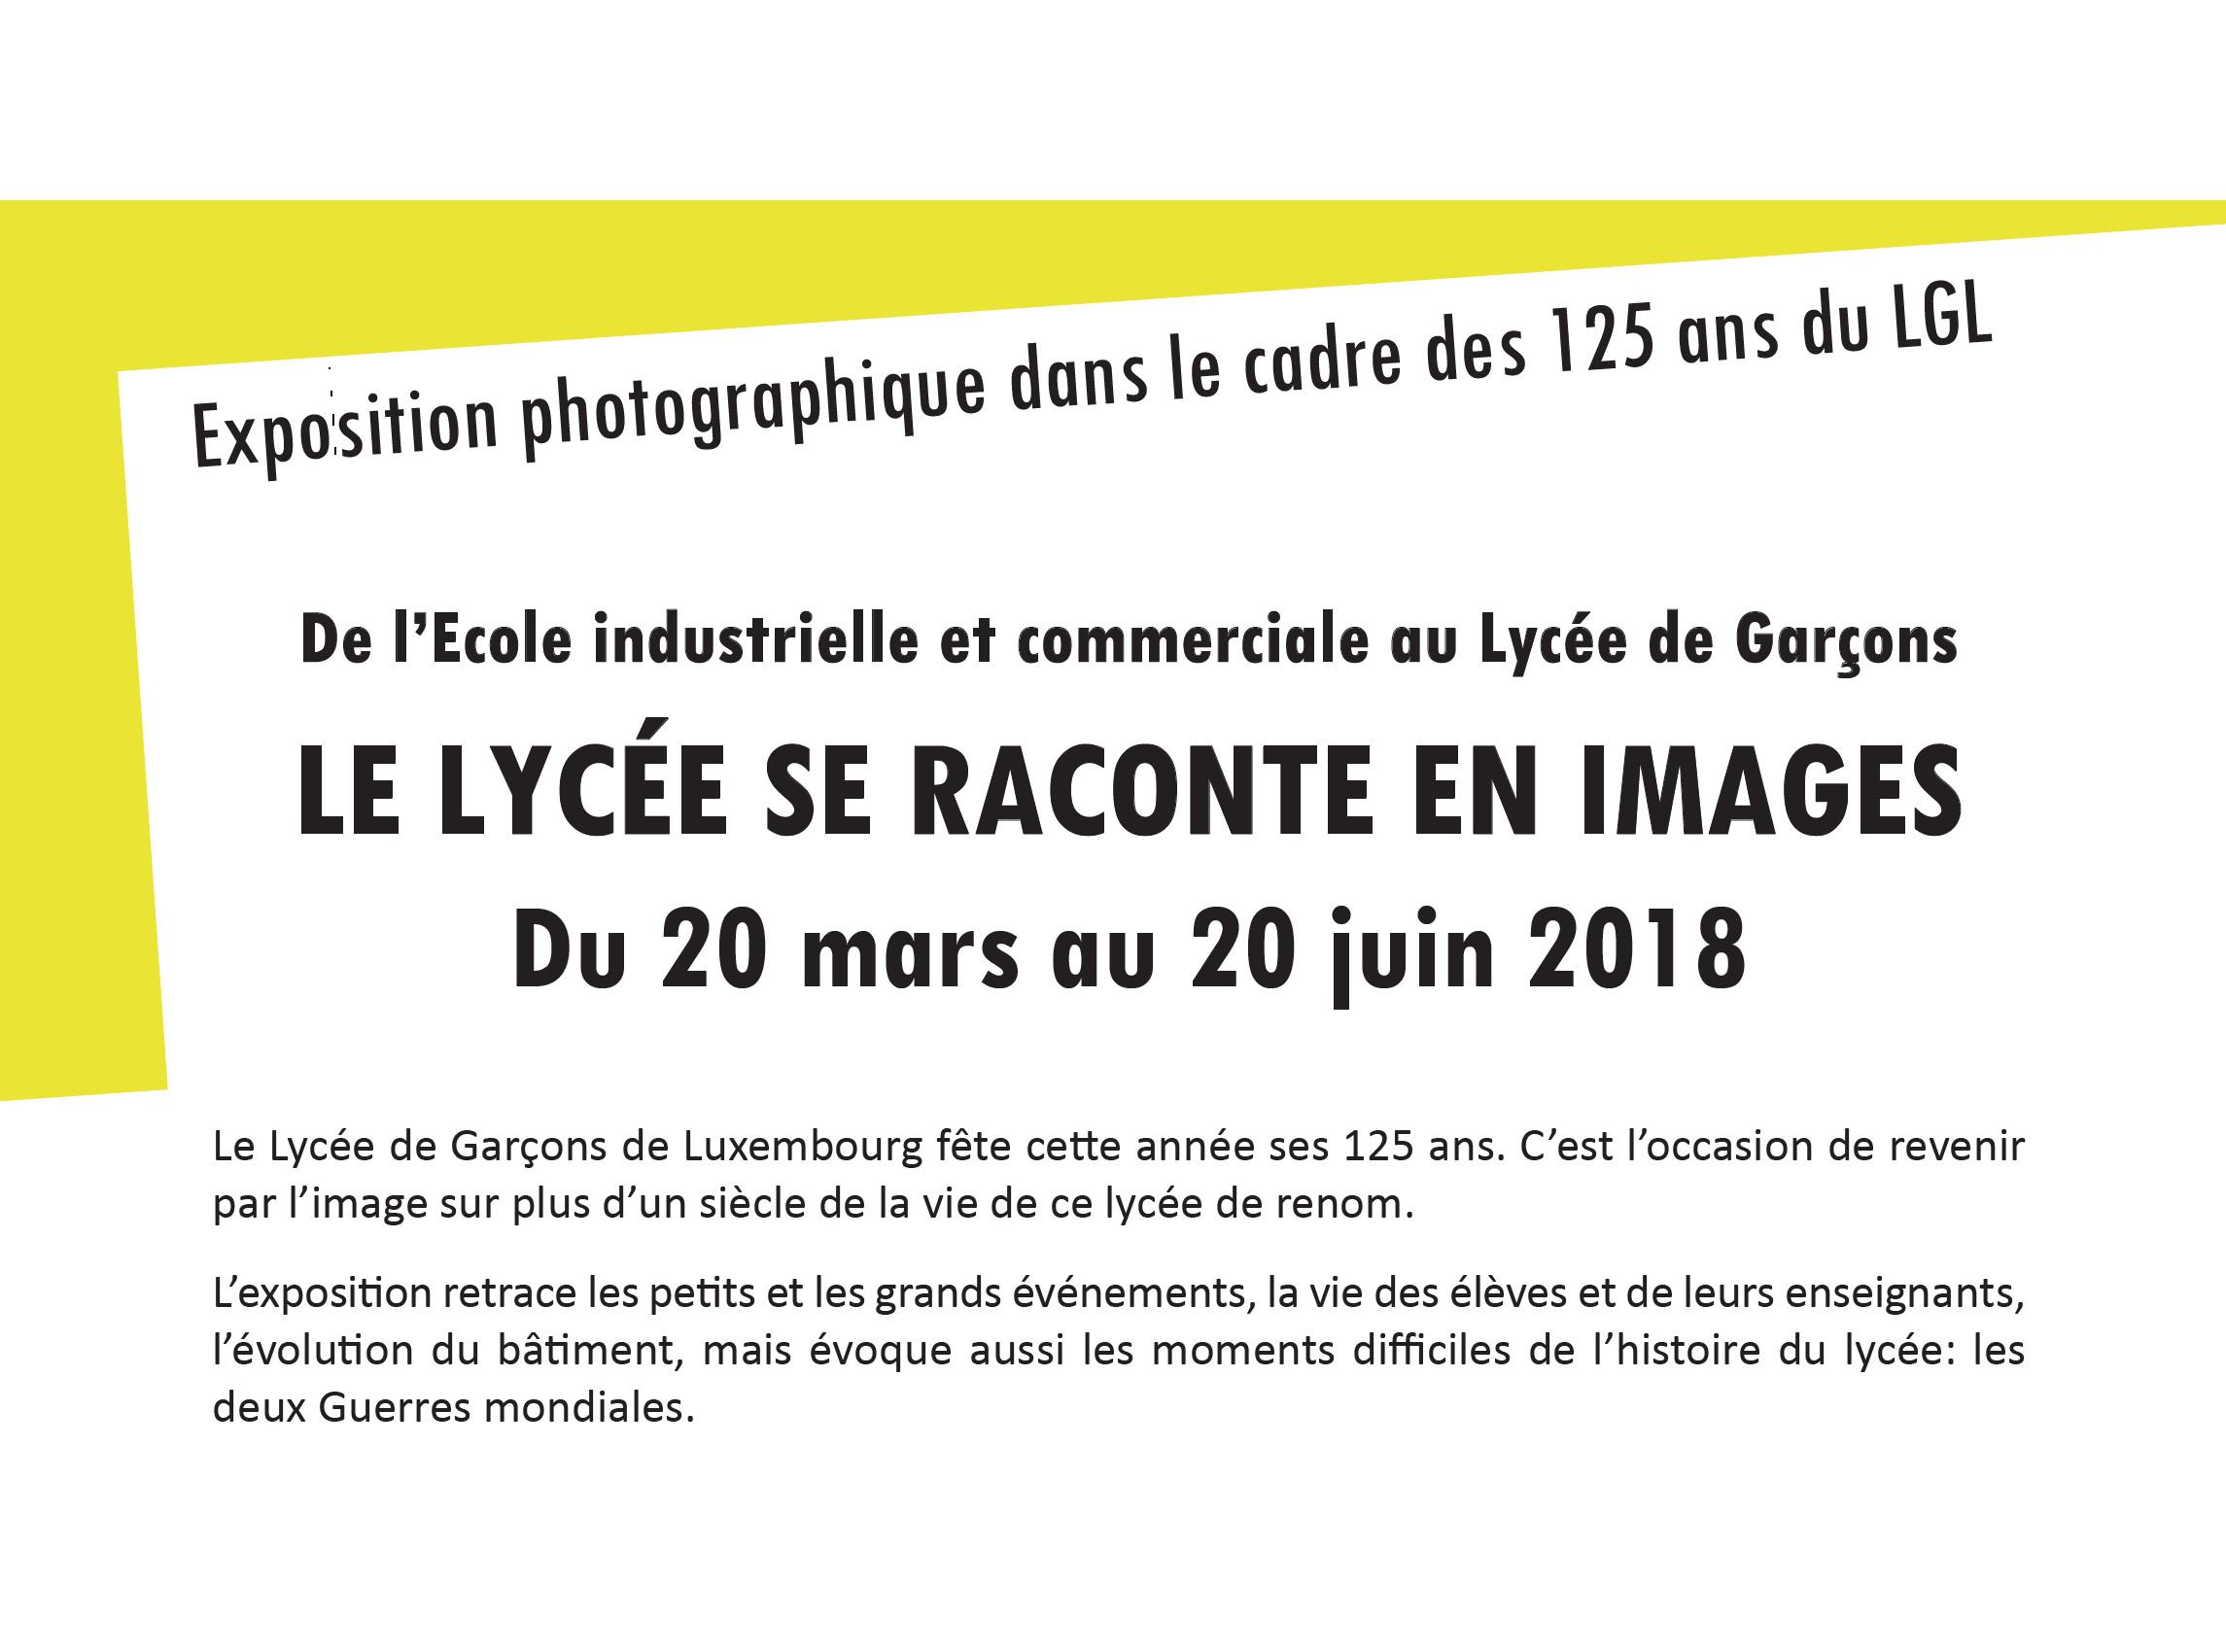 Exposition photographique du 20 mars au 20 juin 2018